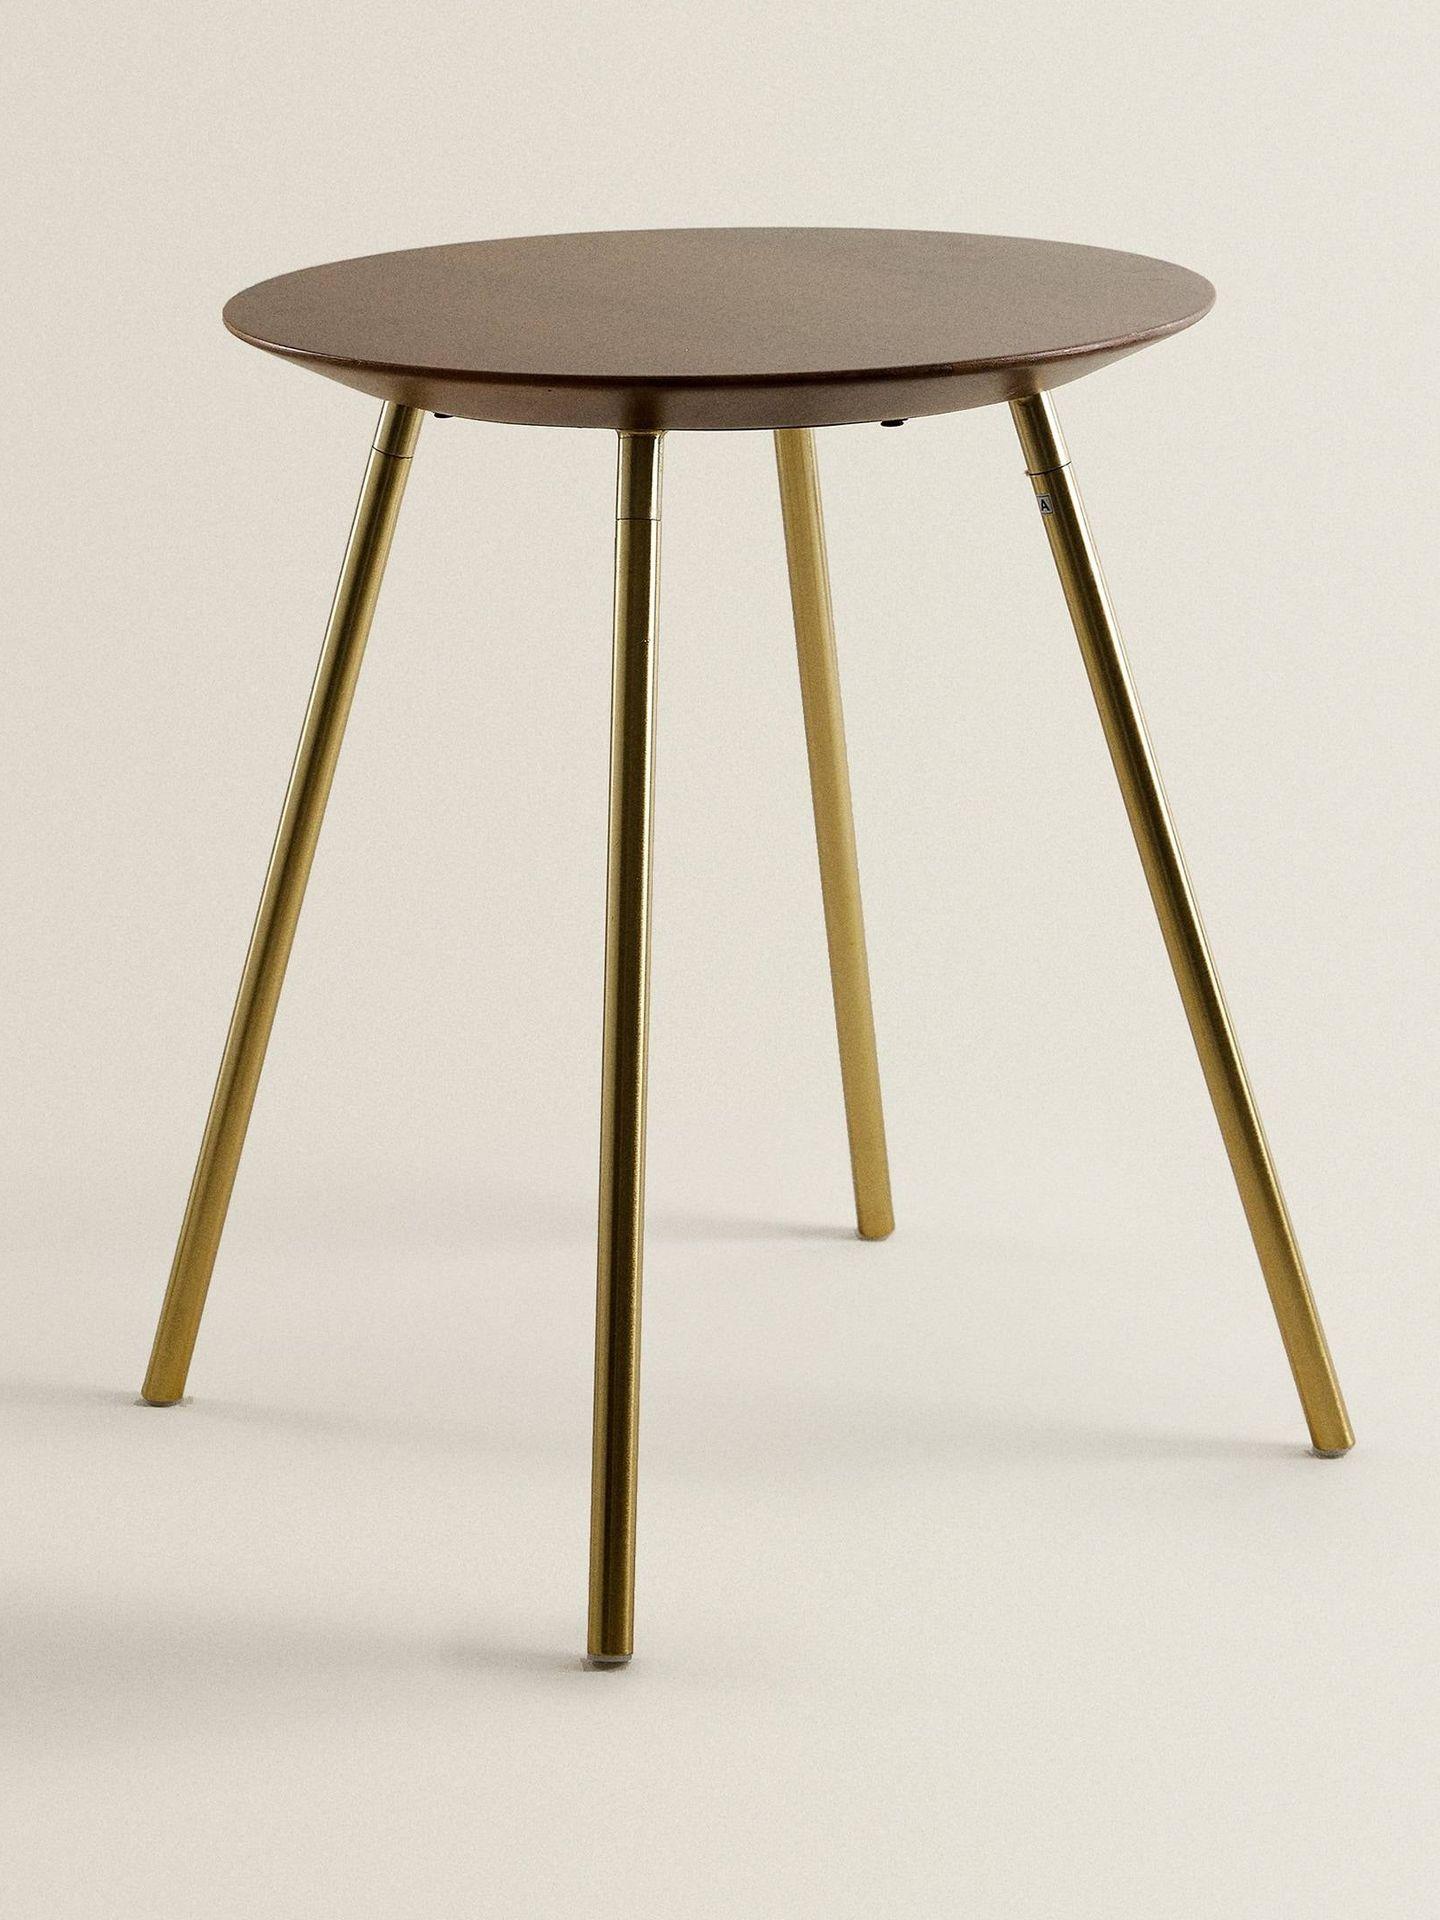 Zara Home tiene esta preciosa mesa redonda. (Cortesía)